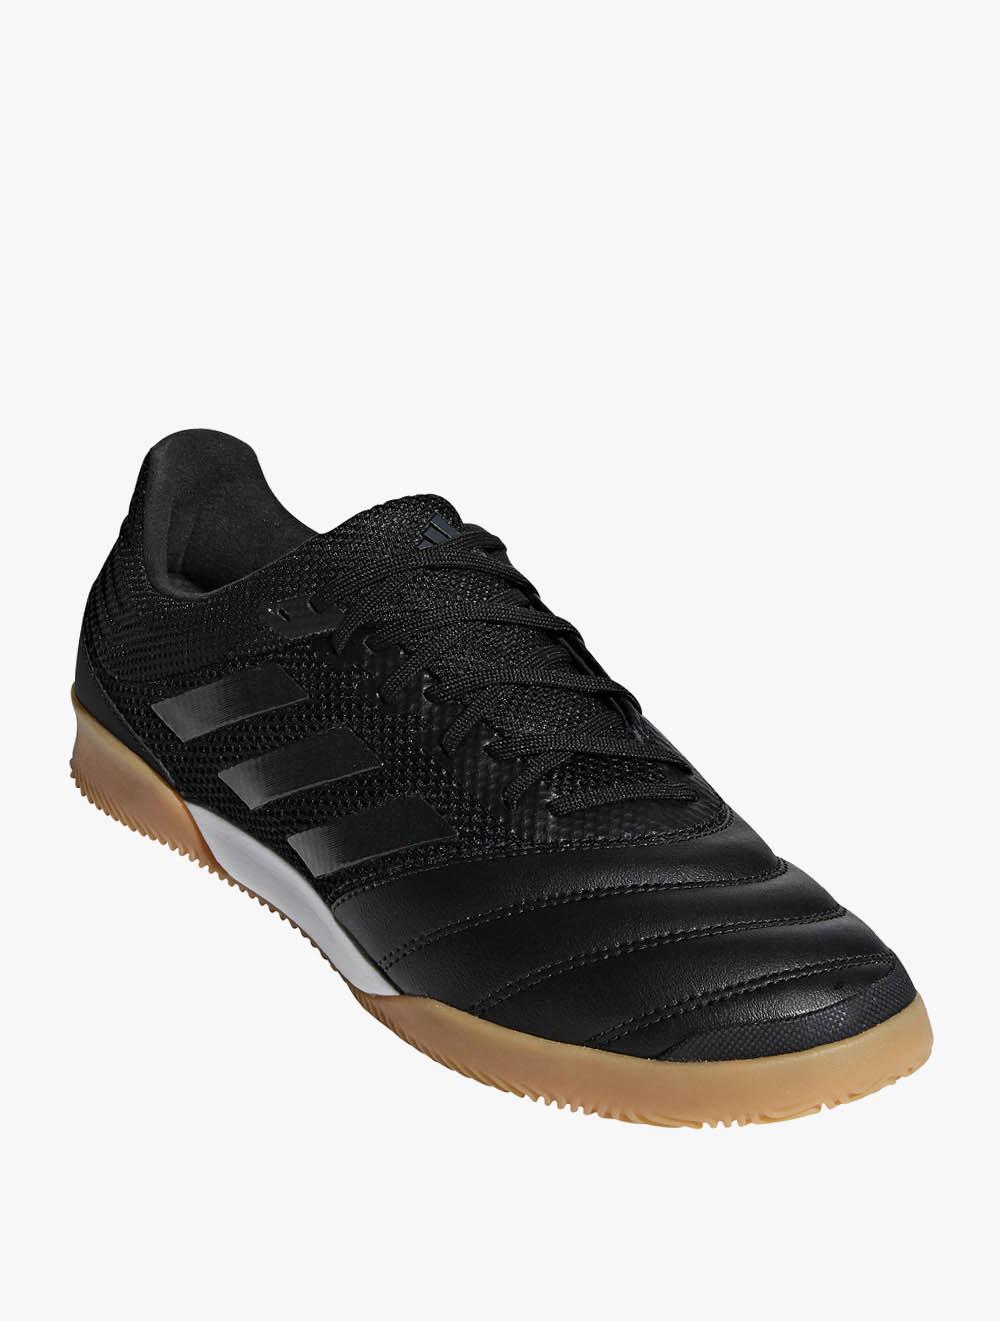 Copa 19.3 Indoor Sala Boots Men's Soccer Shoes